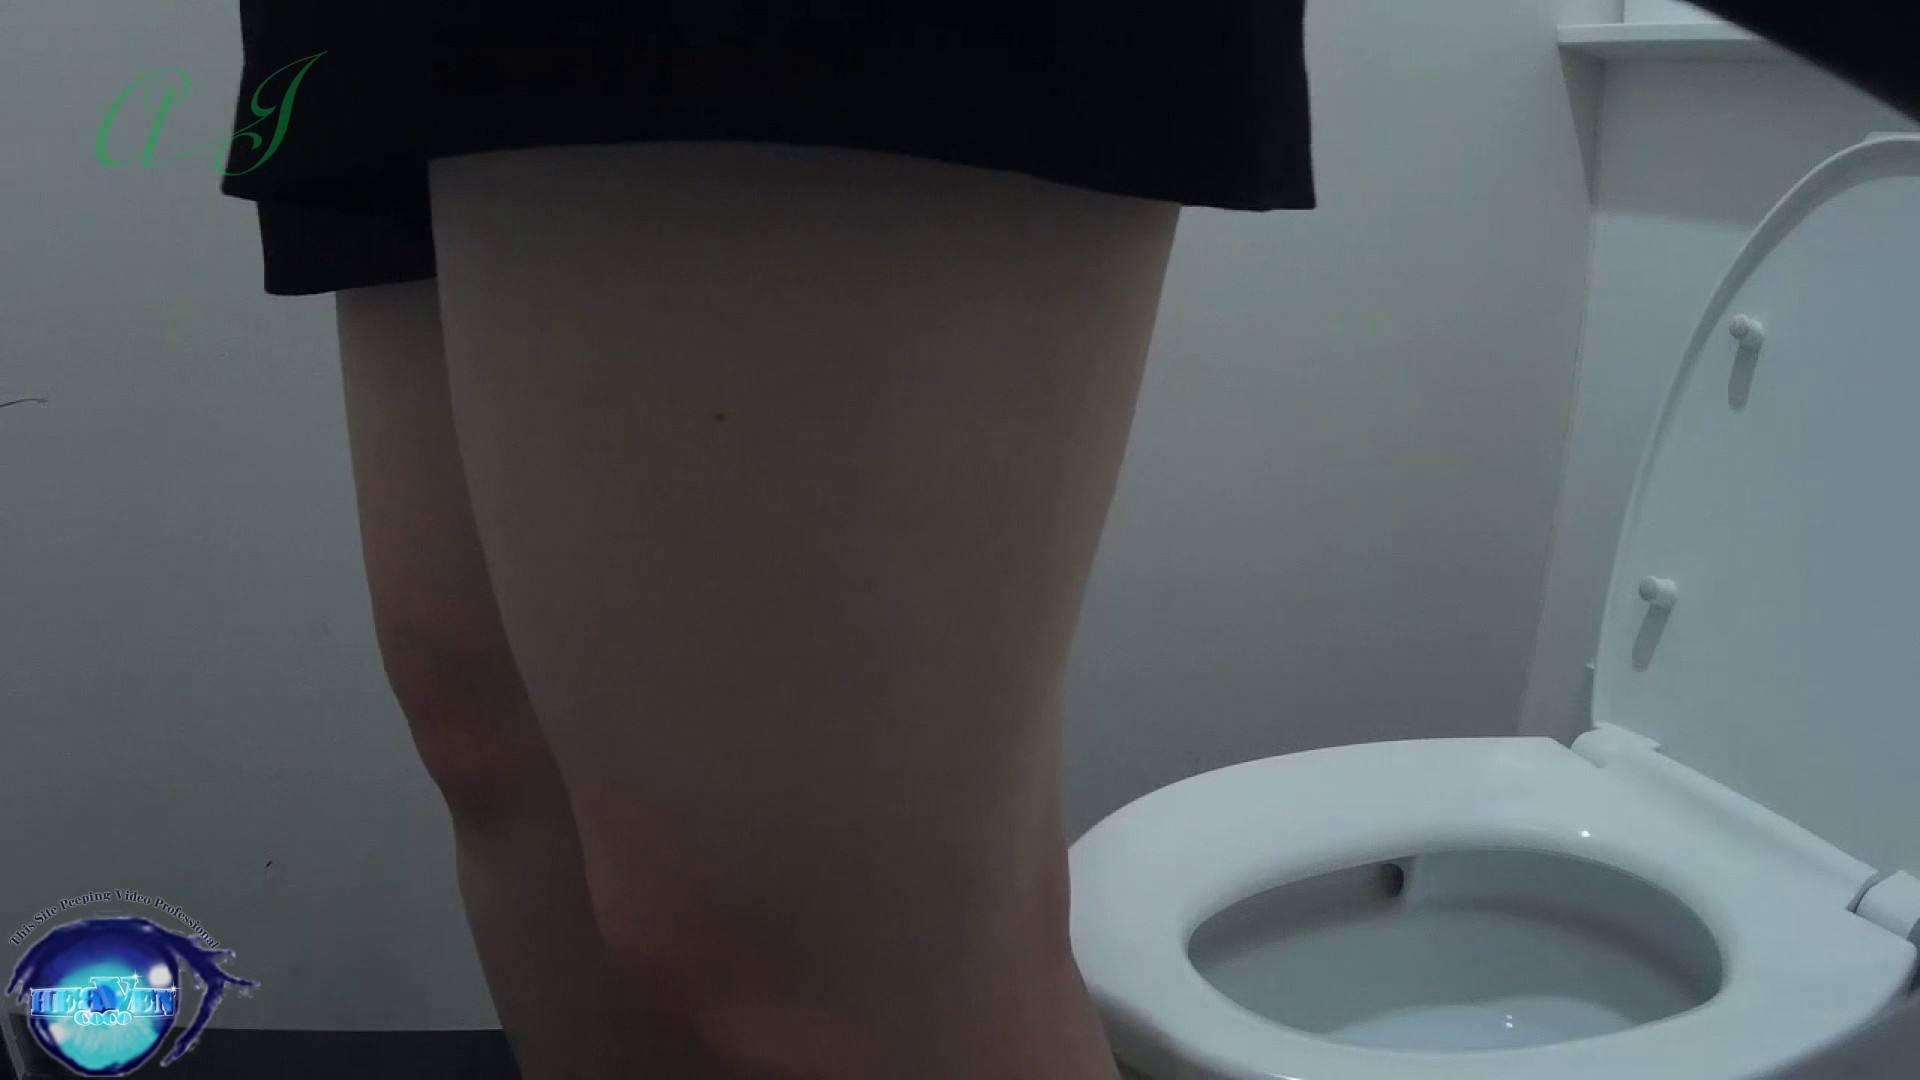 有名大学女性洗面所 vol.69可憐な女子の裏にあるオシリ・・・ 潜入突撃  87pic 65